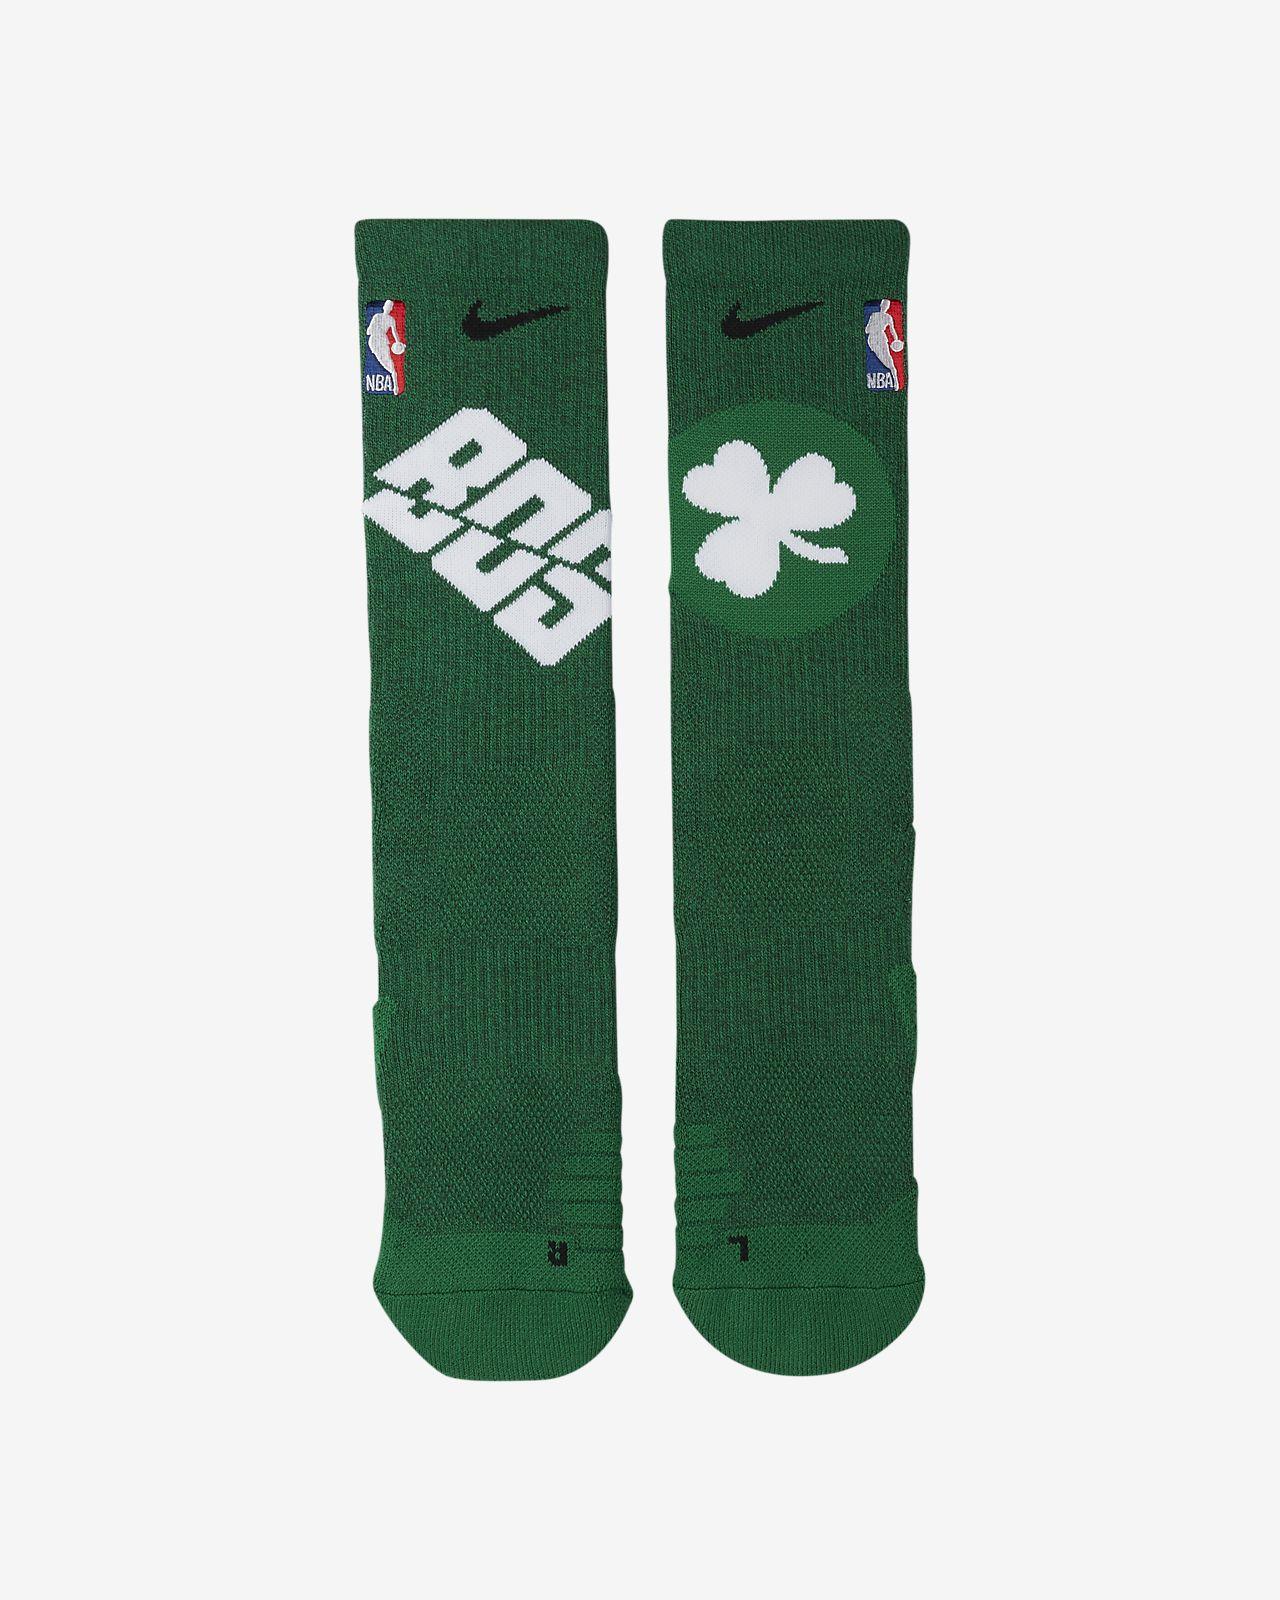 db988d88ad4 Boston Celtics Nike Elite NBA Crew Socks. Nike.com